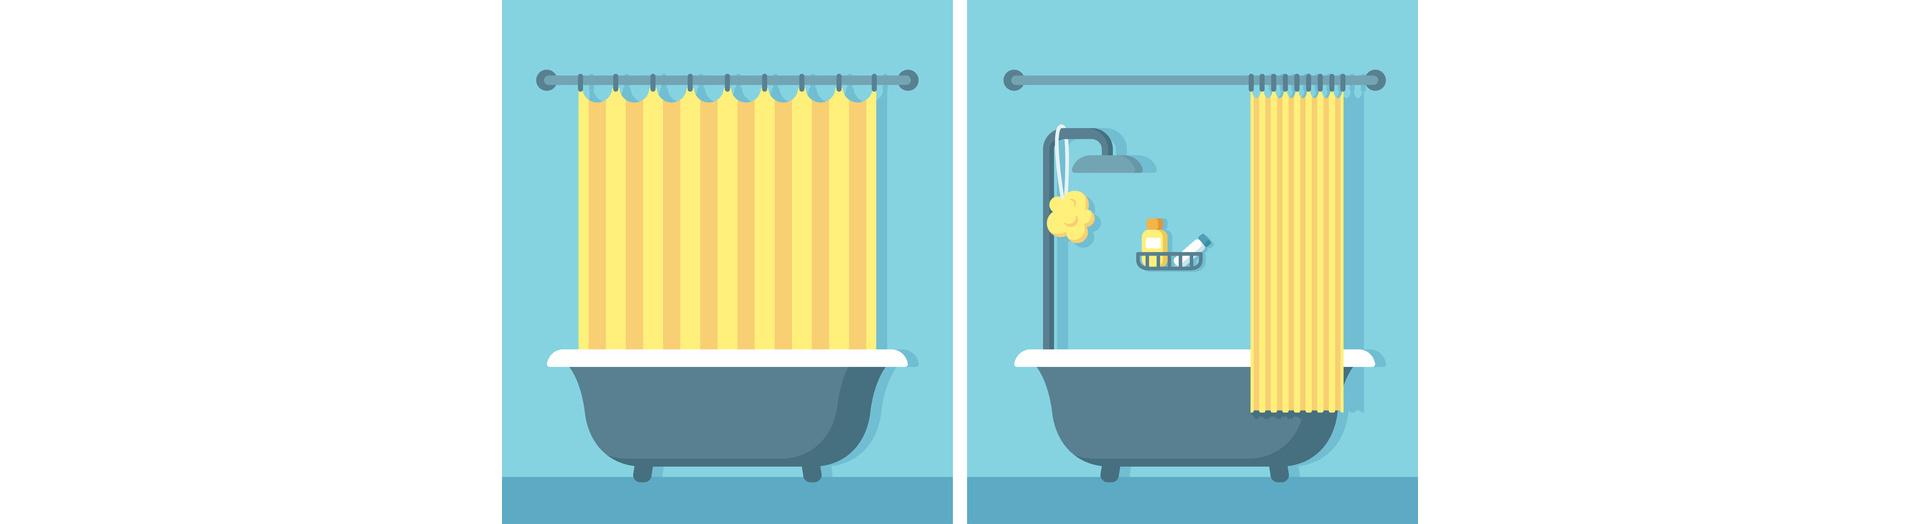 Une baignoire ou une douche dans votre bien immobilier ?